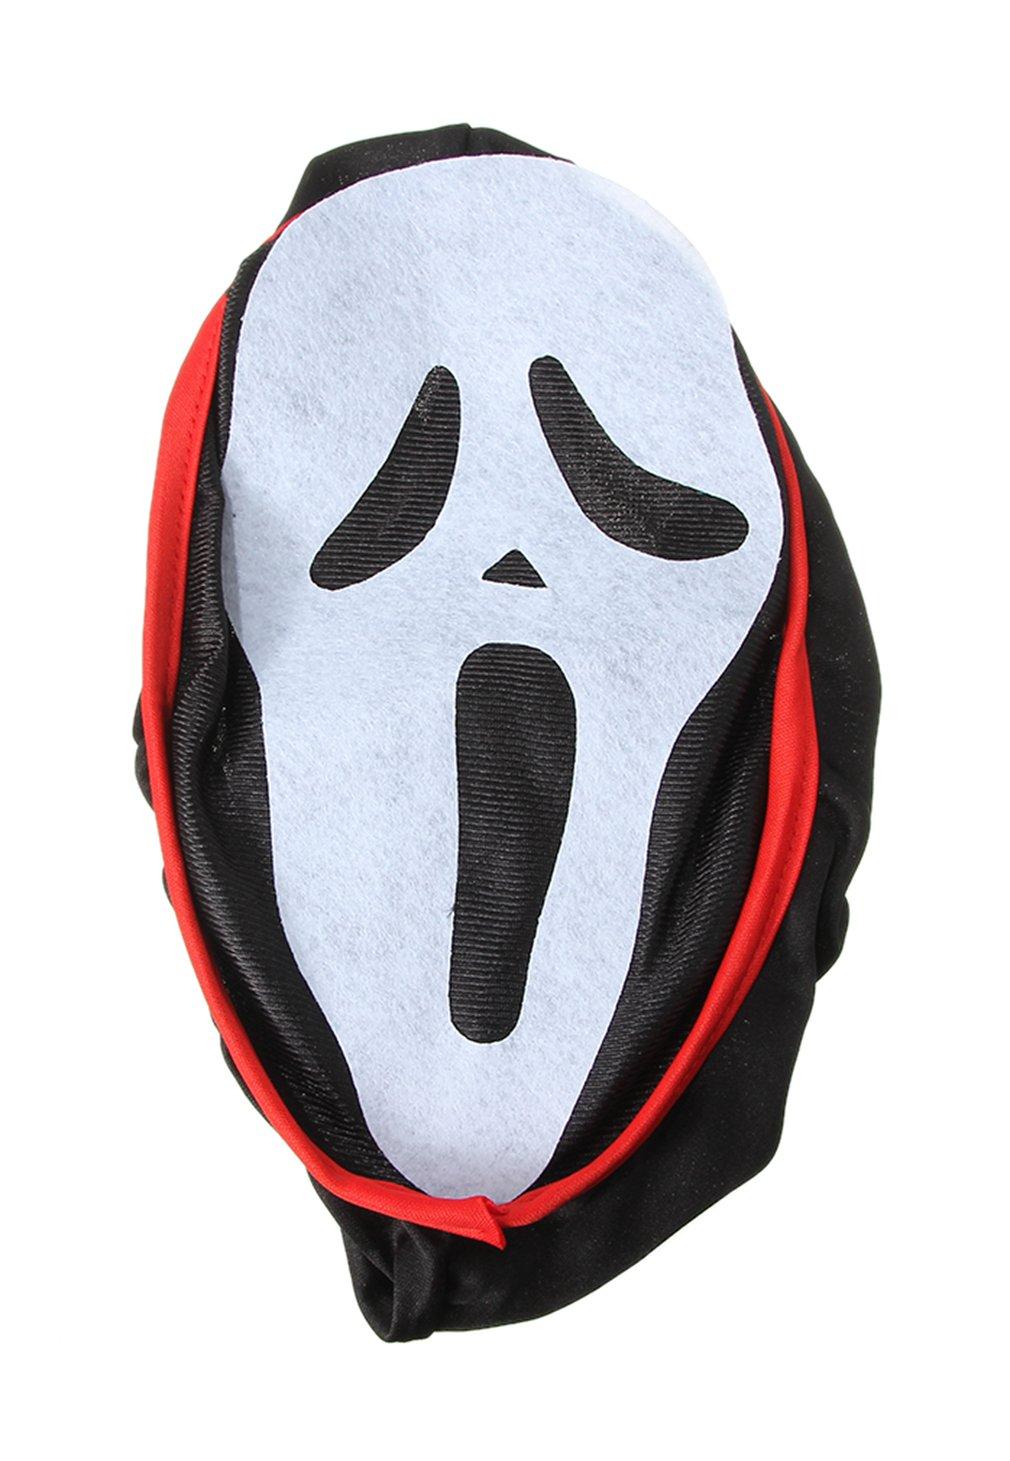 V-SOL Disfraz Con Ghost Face Máscara Abrigo Capa Cosplay Para Halloween Asia M Busto 62-72cm: Amazon.es: Juguetes y juegos